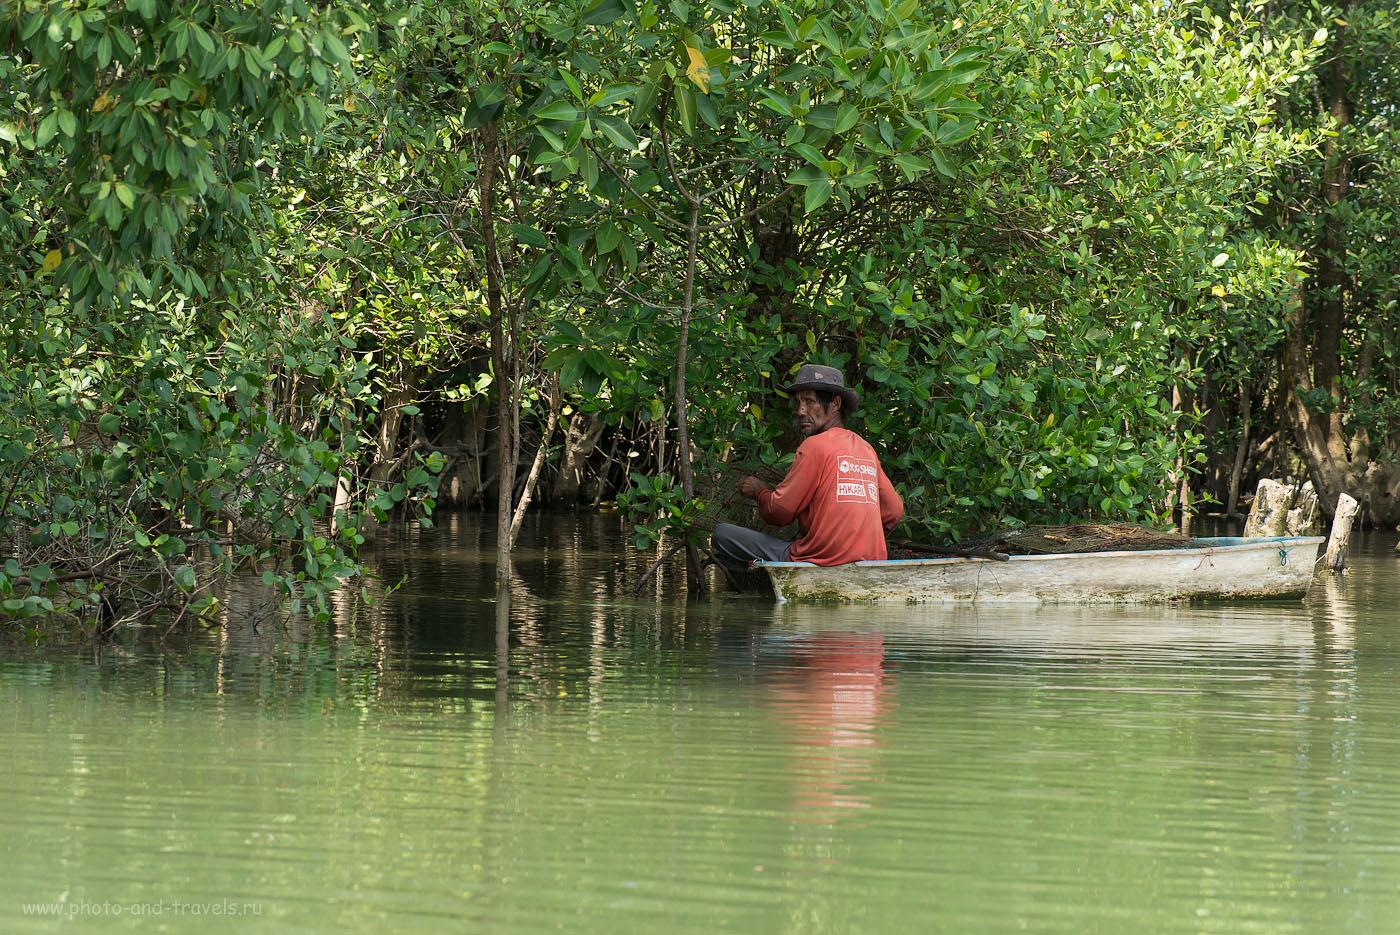 Фотография 13. Рыбацкая деревня в Тайланде. Как поехать на экскурсию самостоятельно. Маньяк из фильма ужасов (320, 140, 9.0, 1/160)